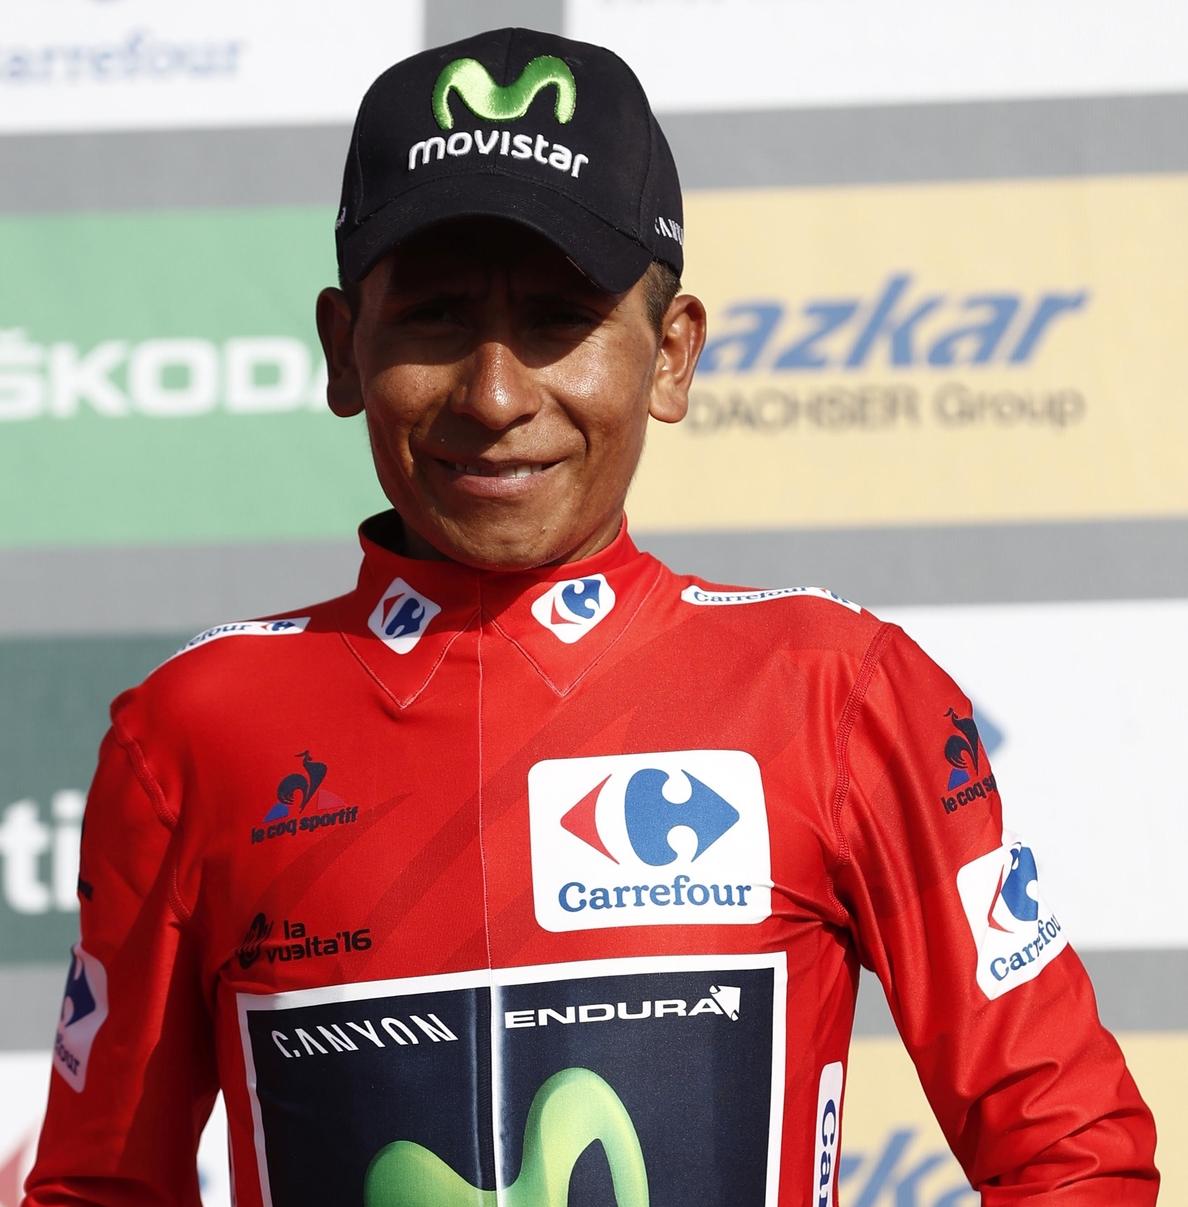 Telefónica anuncia la renovación de su patrocinio ciclista hasta 2019